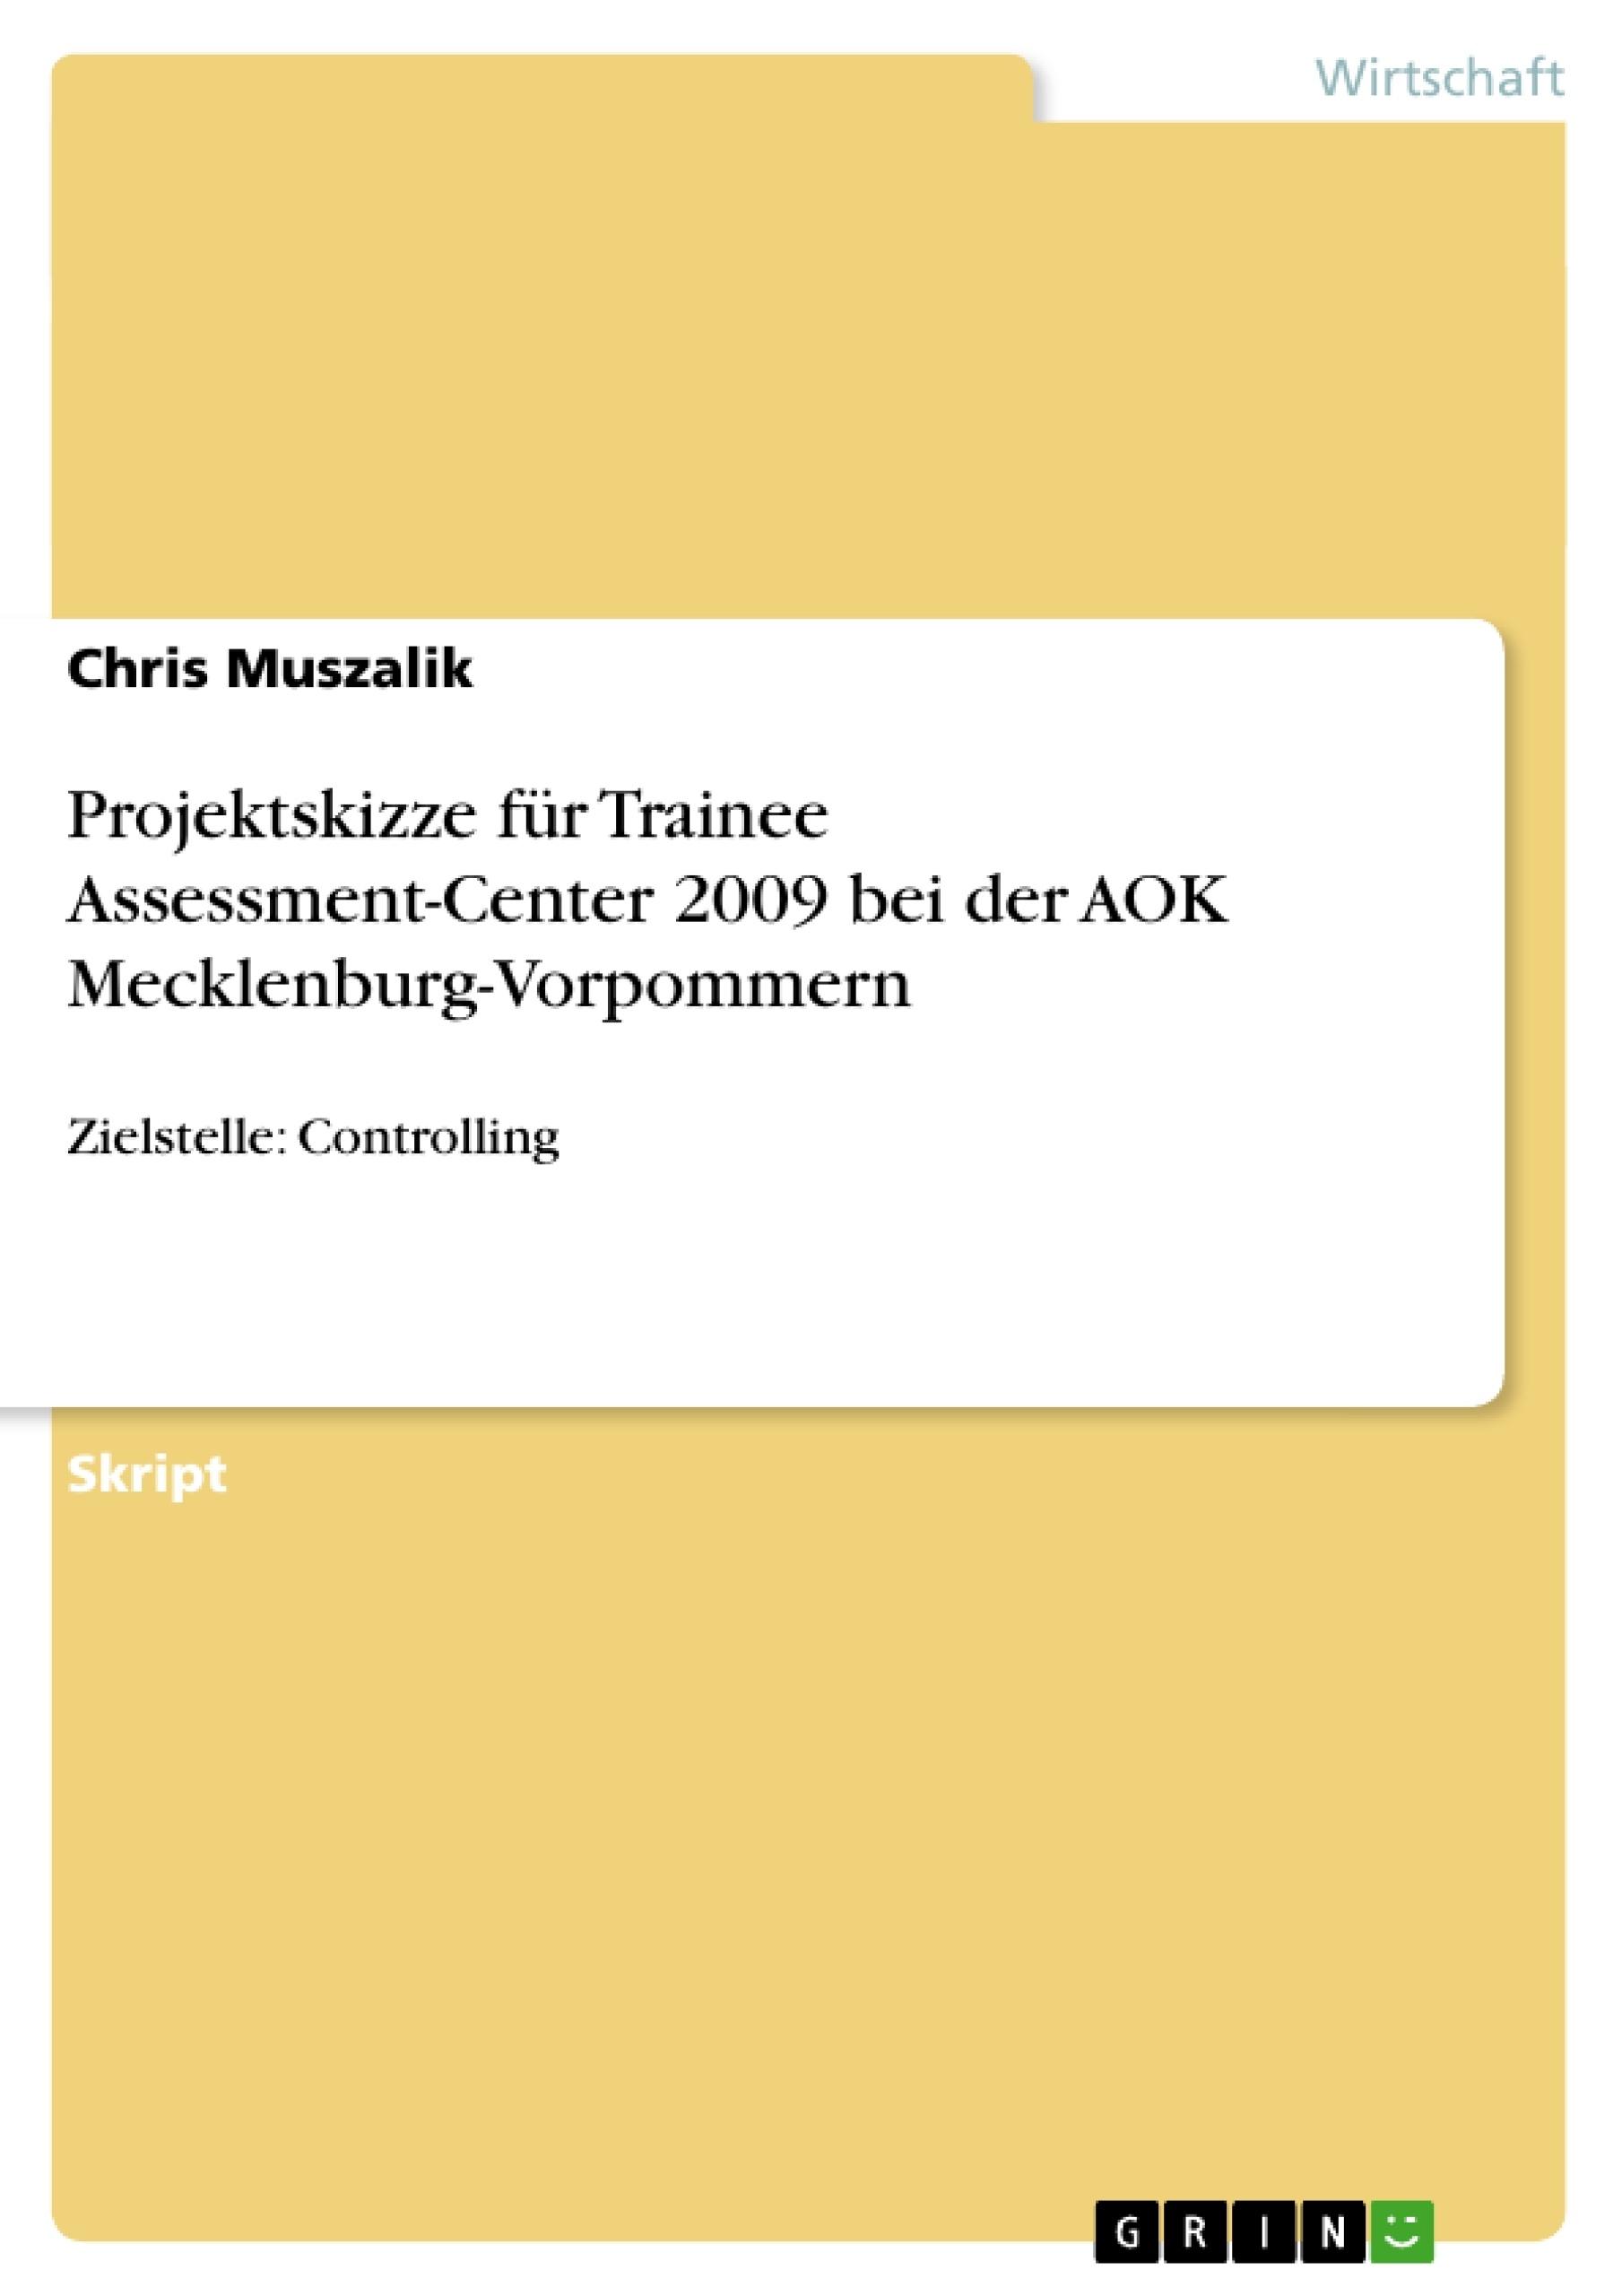 Titel: Projektskizze für Trainee Assessment-Center 2009 bei der AOK Mecklenburg-Vorpommern